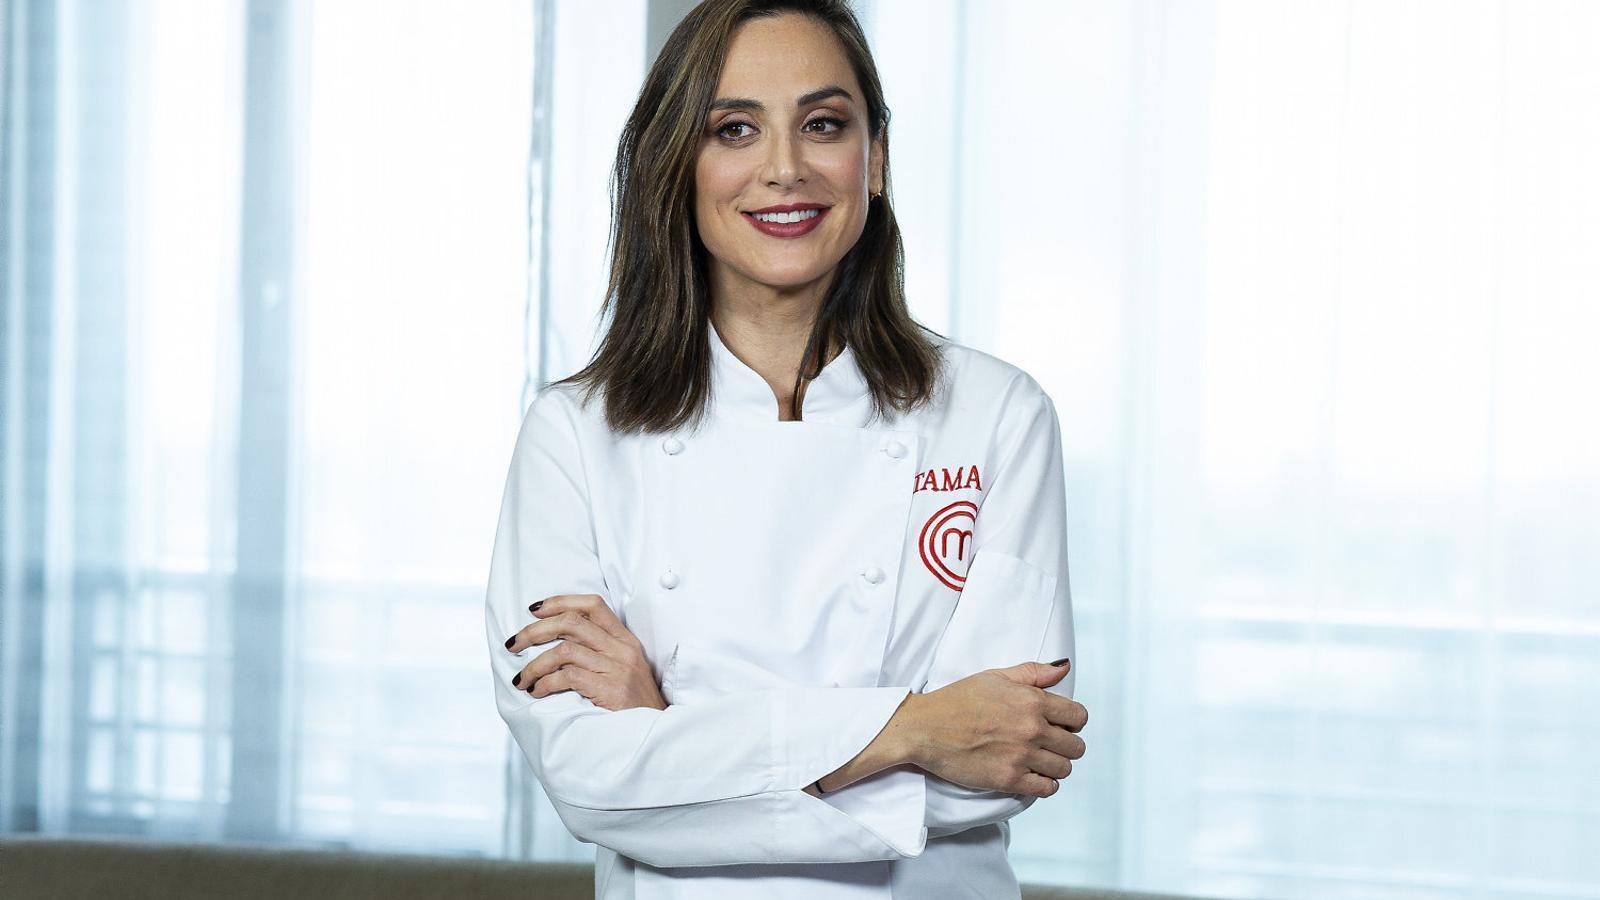 Tamara Falcó seguirà explotant la via culinària Gent